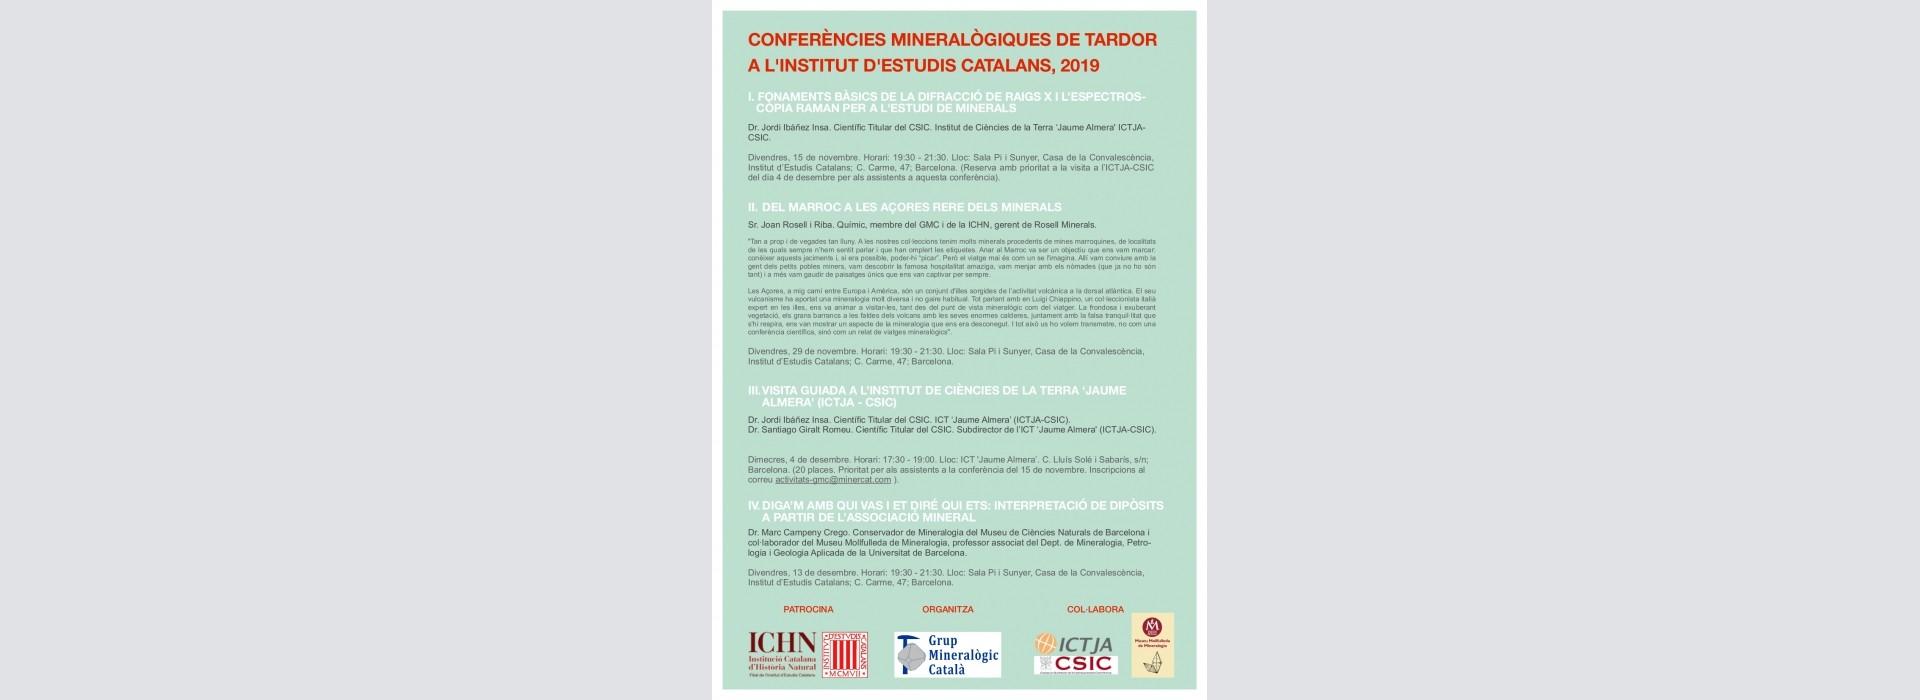 Conferencia: Fundamentos básicos de la difracción de rayos X i la espectroscopia Raman para el estudio de minerales